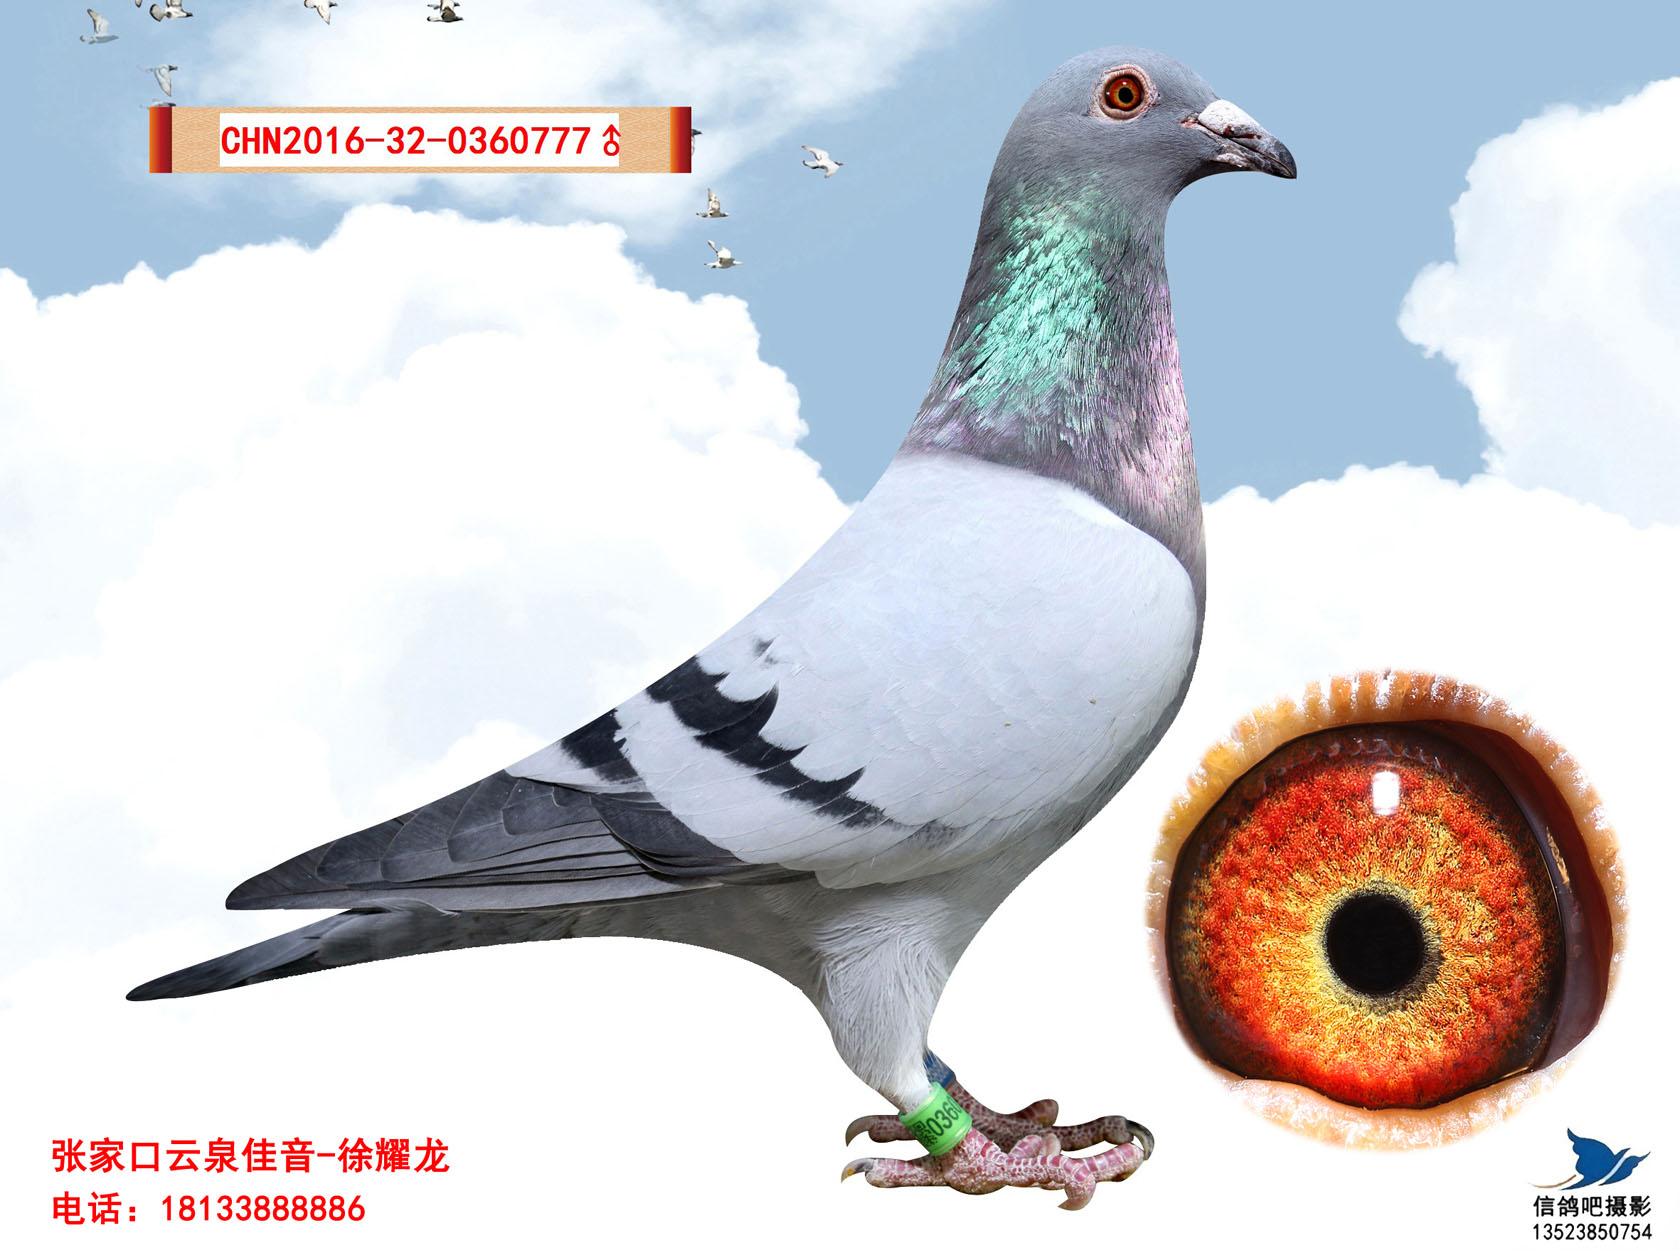 詹森919_云泉鸽舍-中信网爱鸽商城